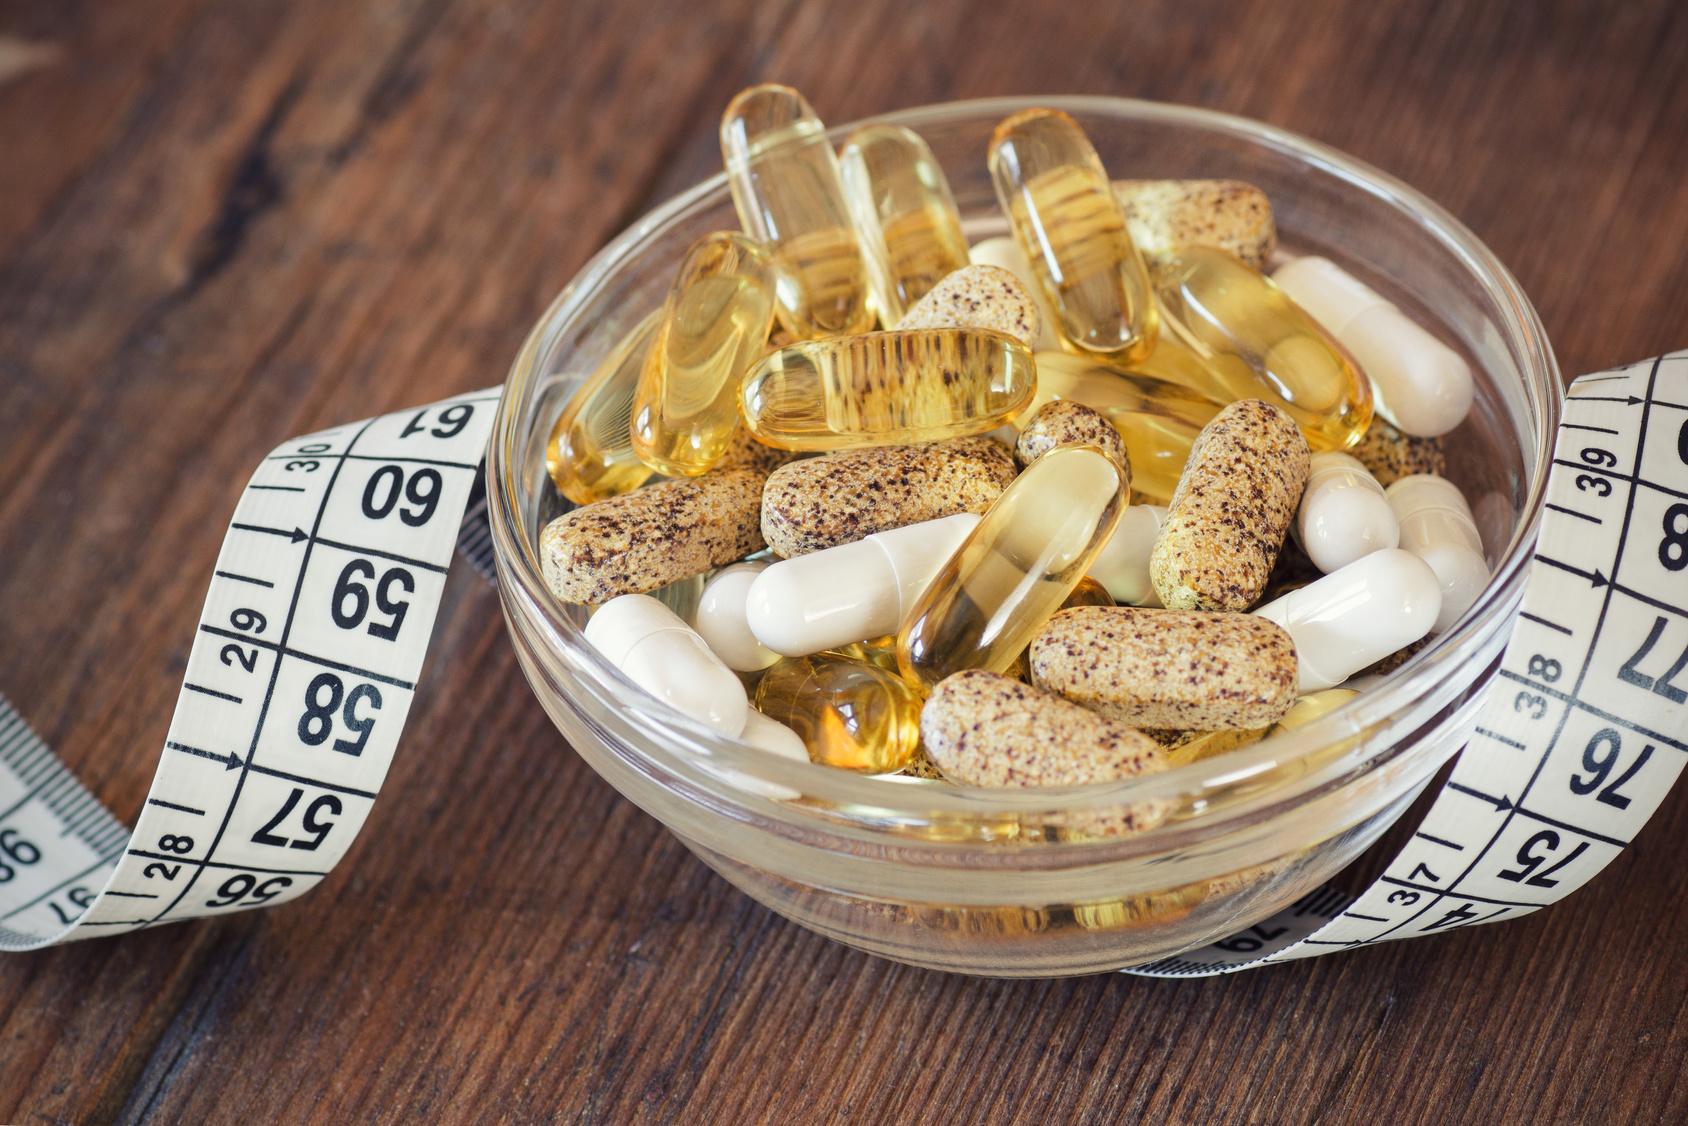 Odchudzanie  a witaminy, mikroelementy i zioła